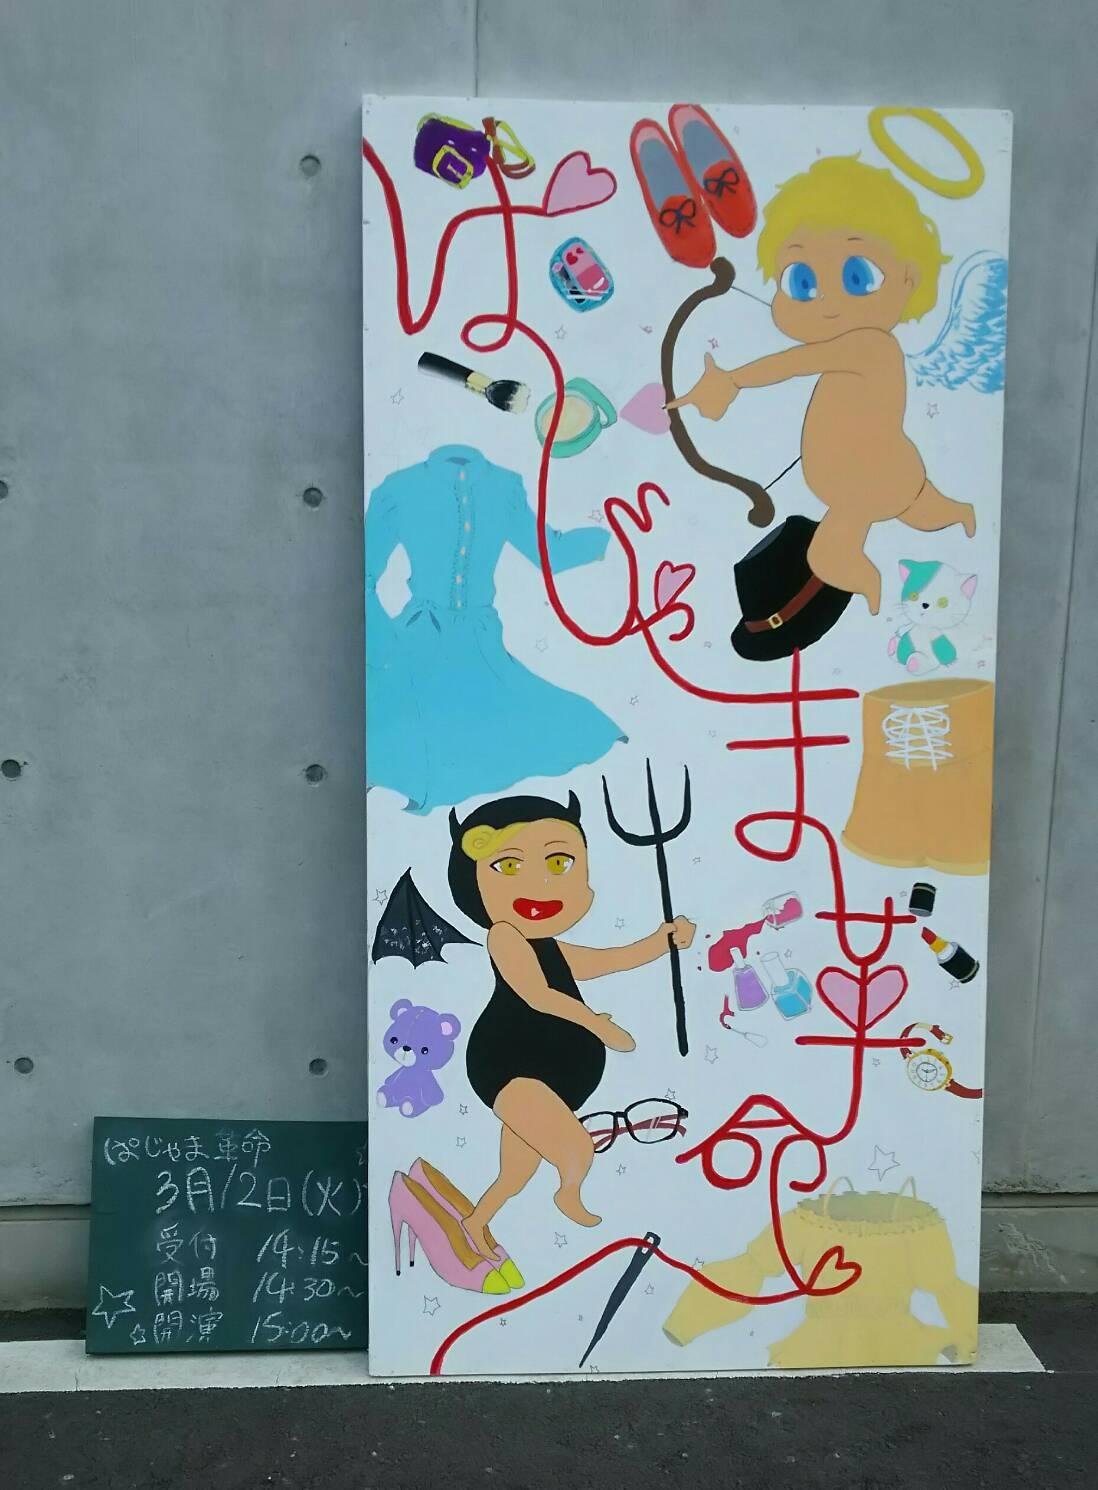 日誌 3月12日(火)   最終日 by だいら_a0137821_23514925.jpg